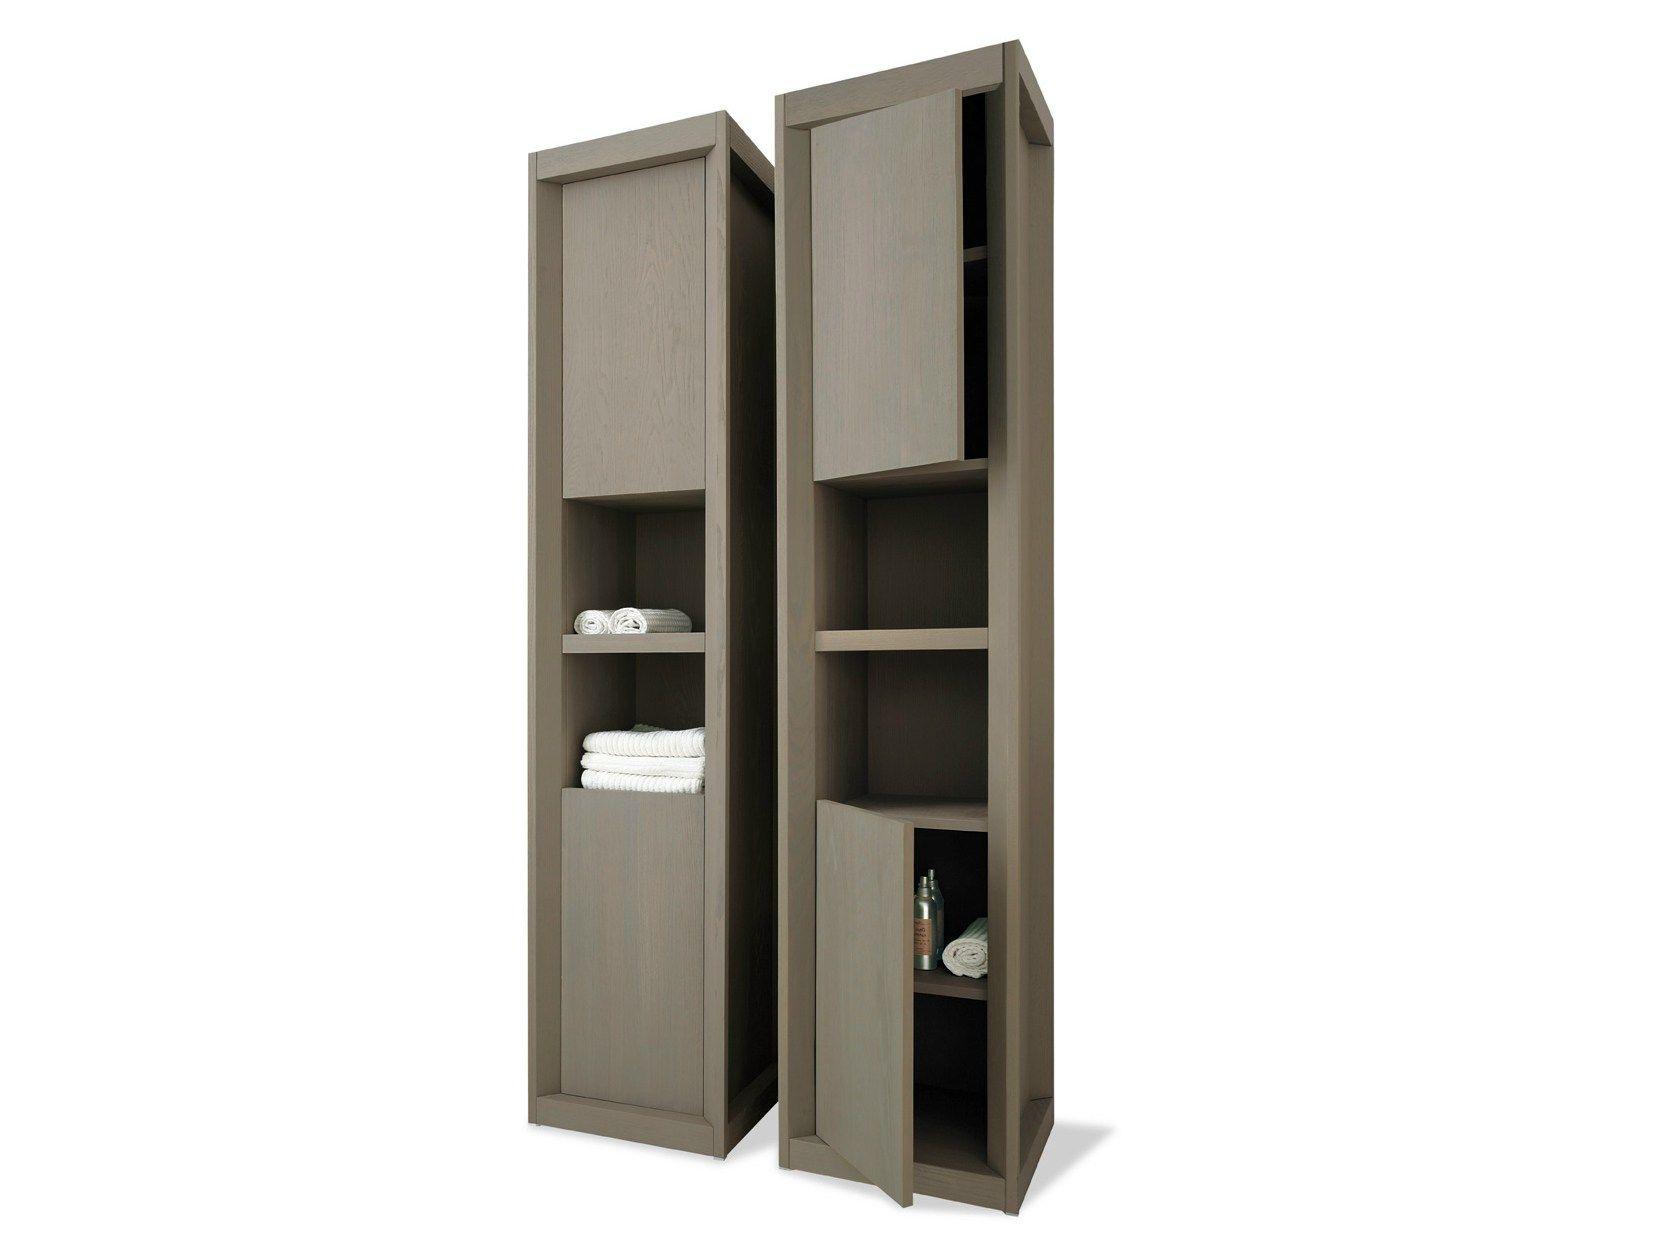 Visone mobile bagno alto by dogi by ged arredamenti design - Mobile colonna bagno ...